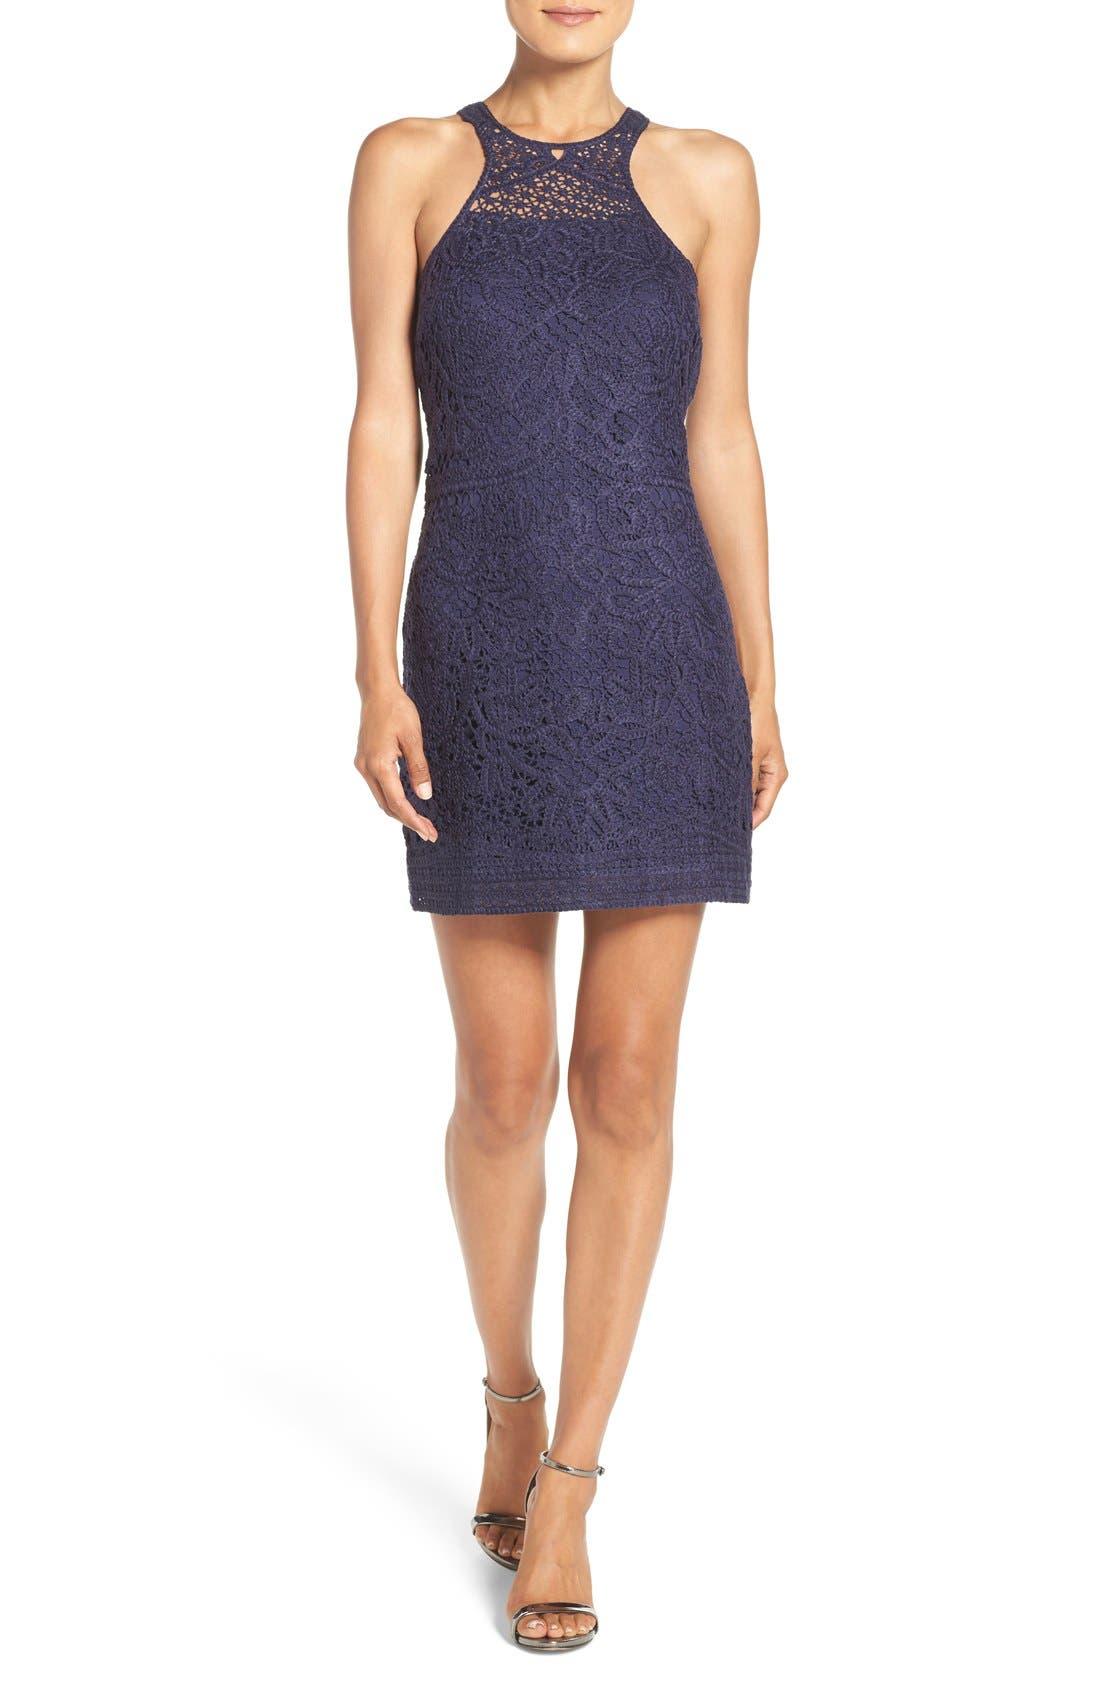 Main Image - Lilly Pulitzer® 'Jaimie' Crochet Shift Dress